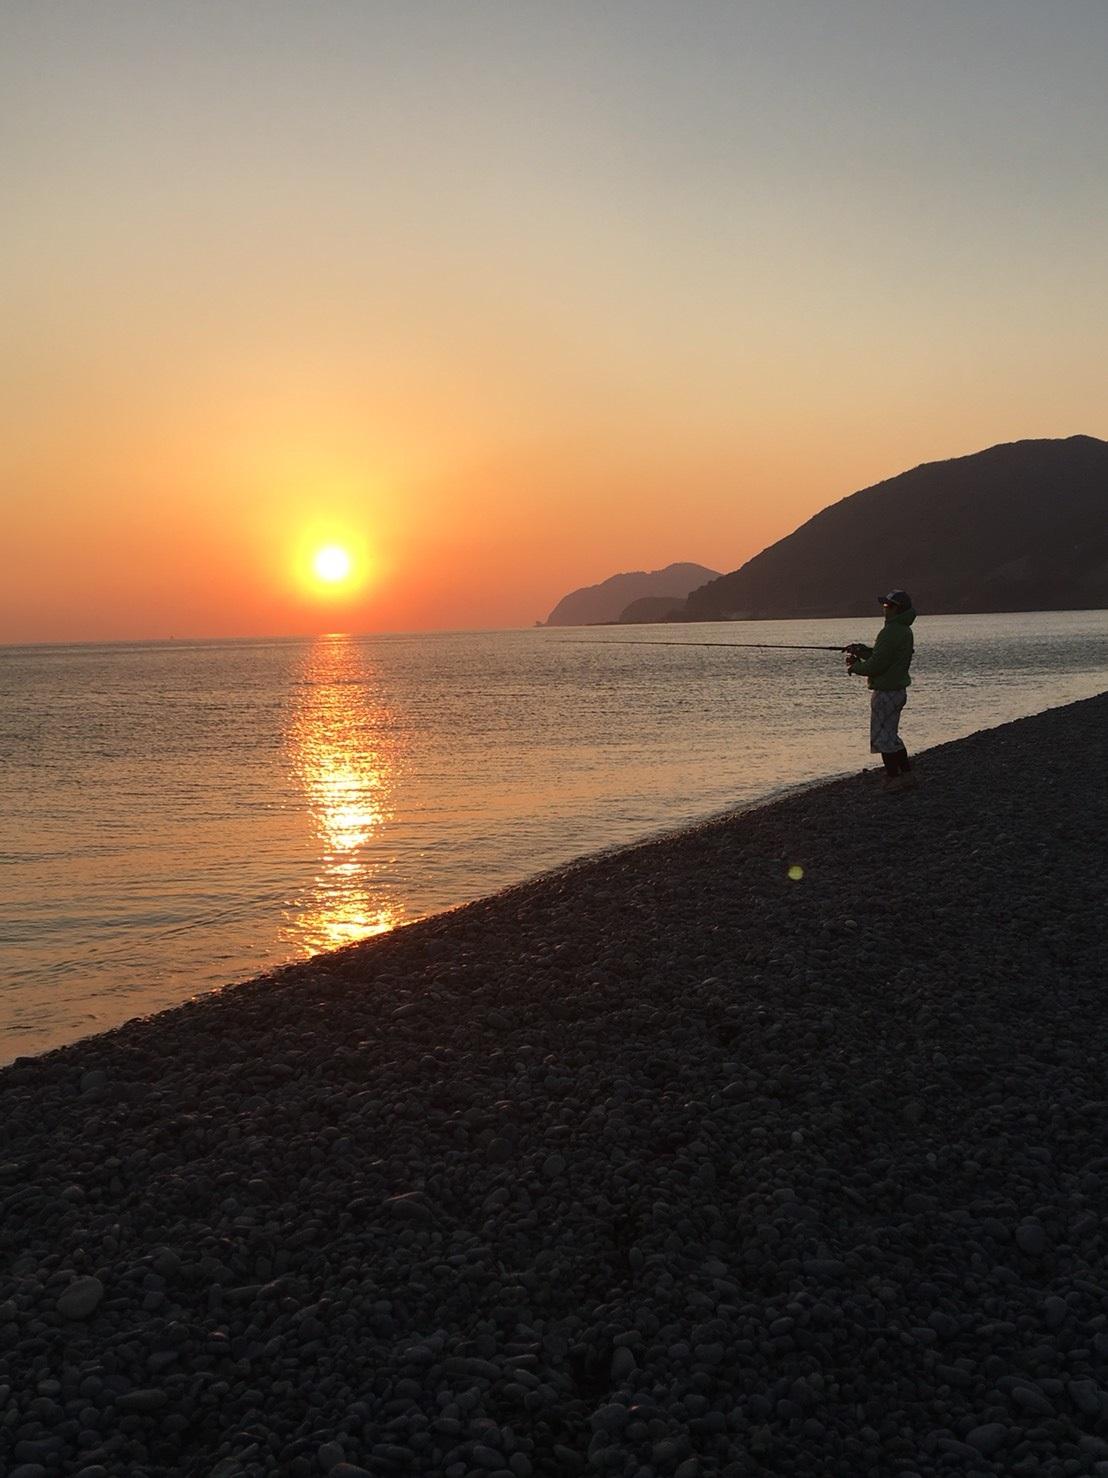 煙樹ヶ浜で夕焼けショアジギング